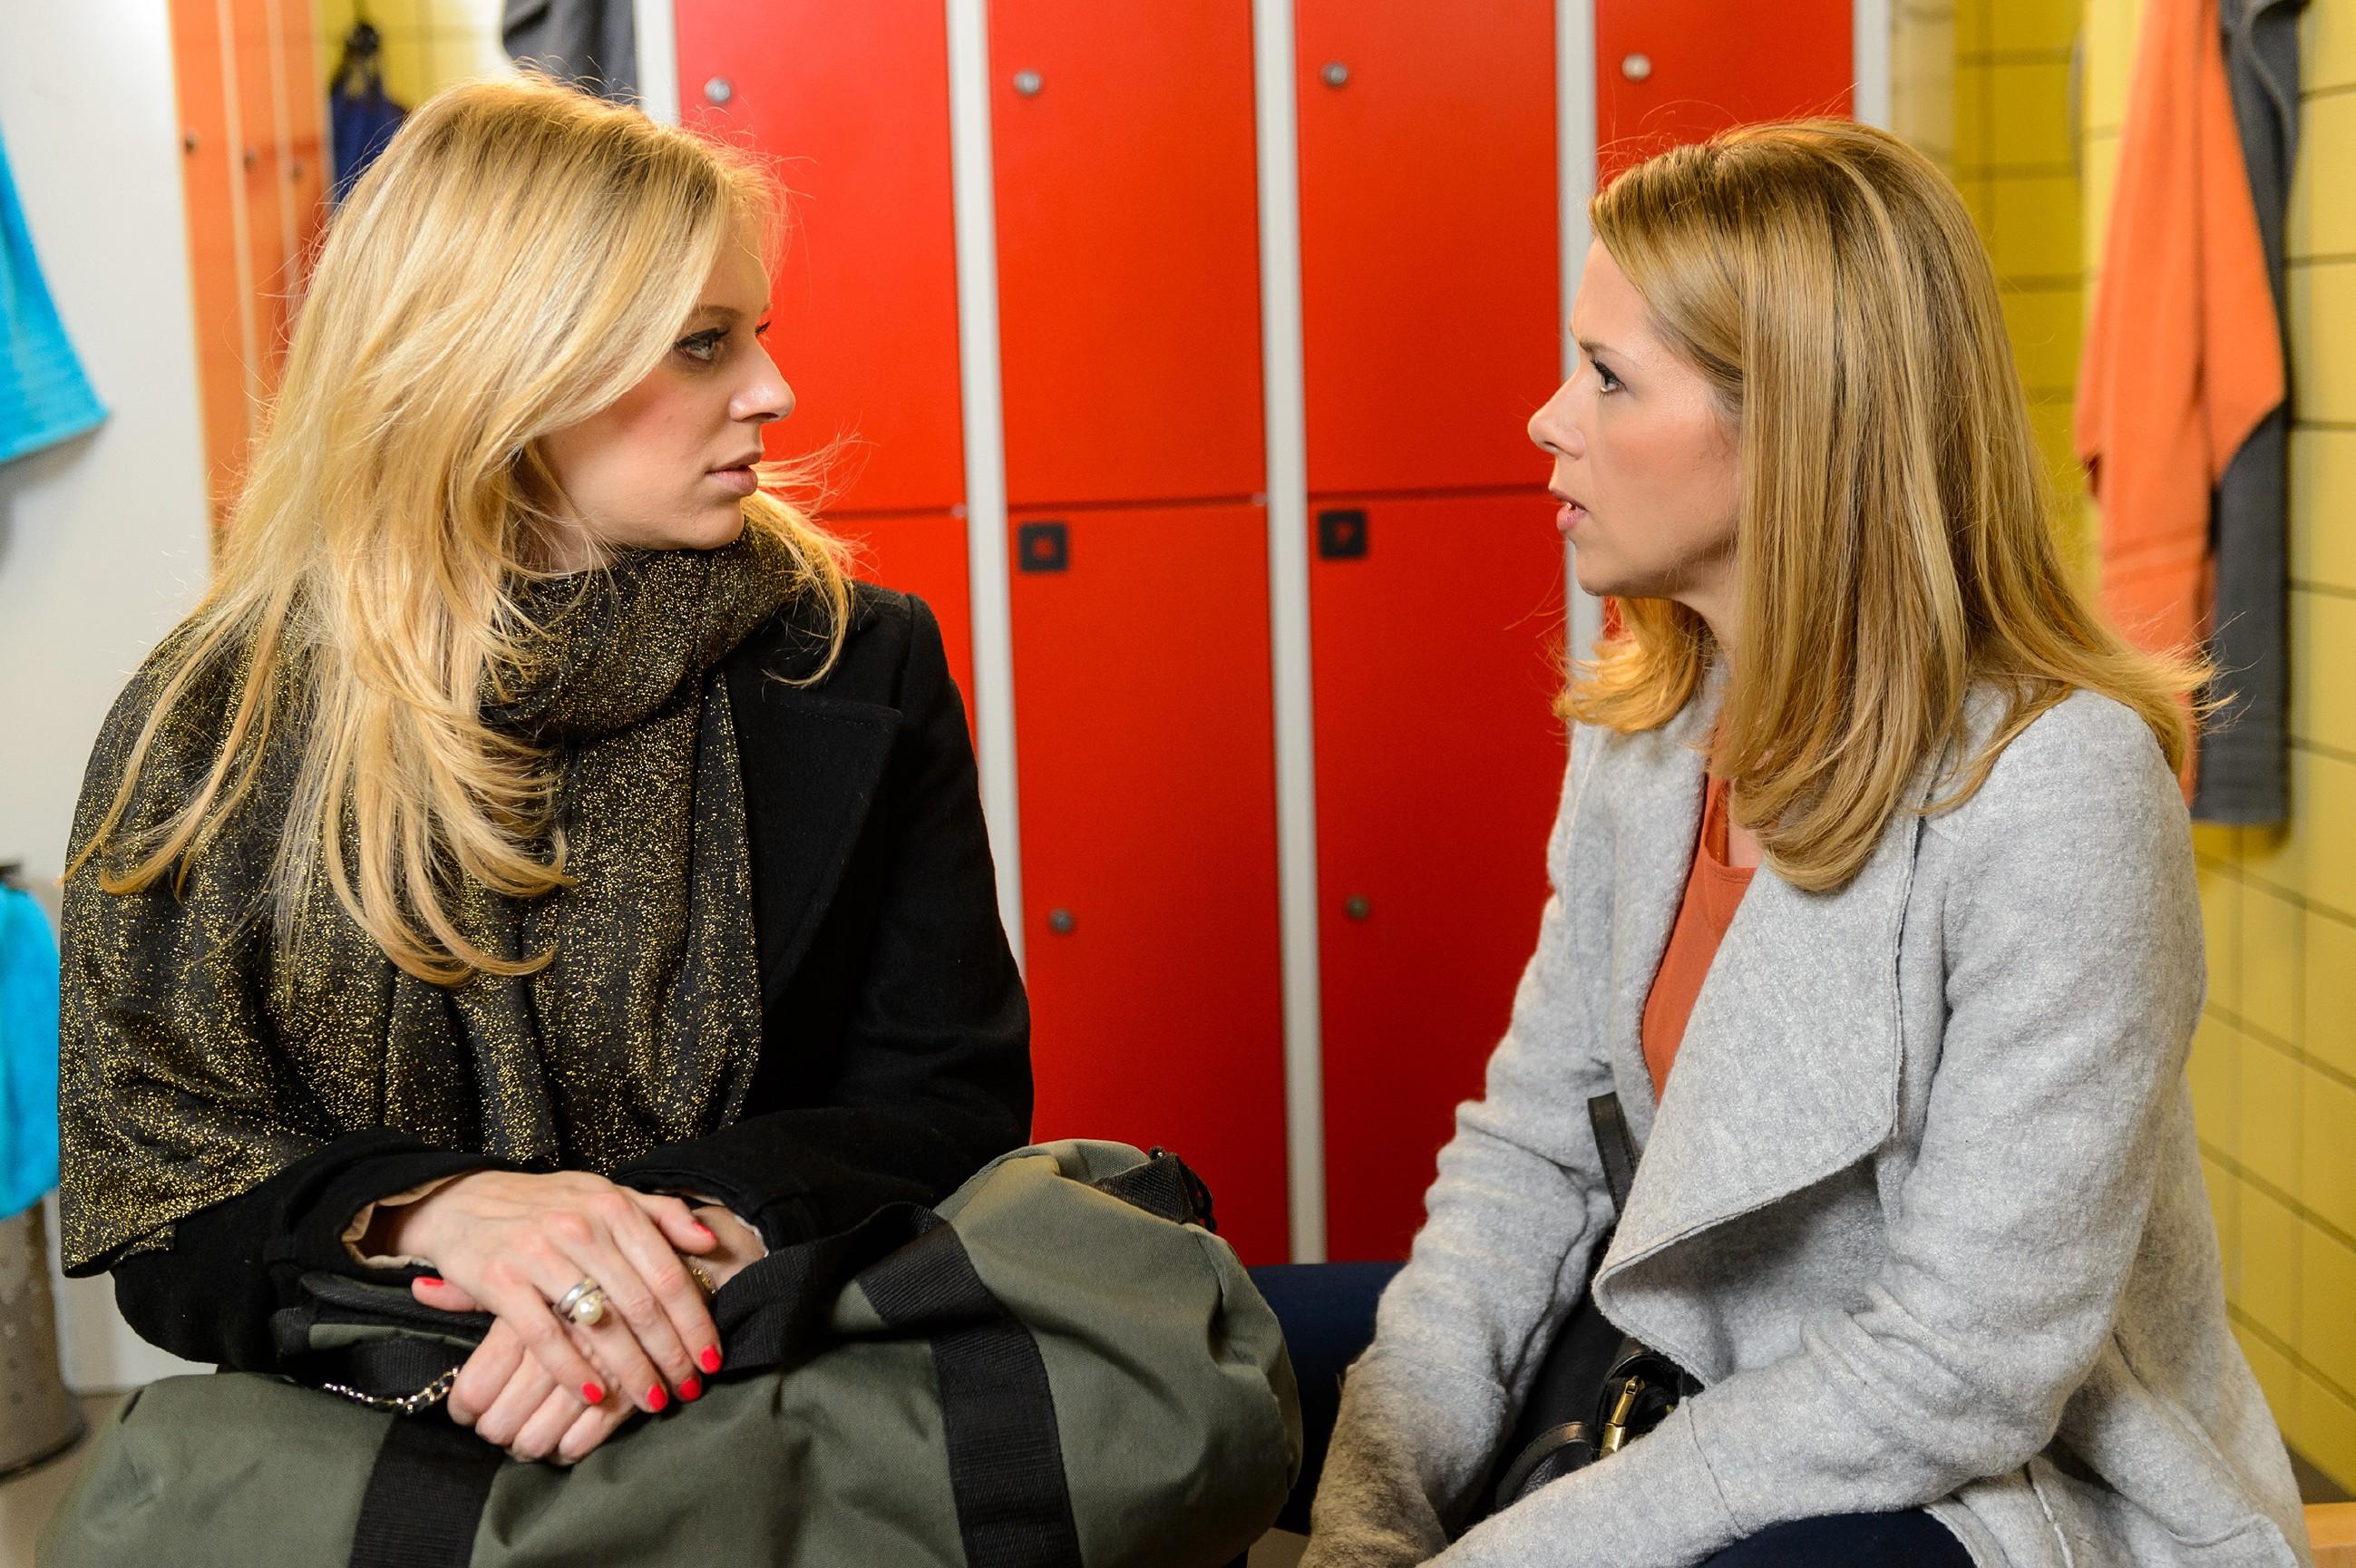 Lena (Juliette Greco, l.) fragt sich in Gegenwart von Diana (Tanja Szewczenko), was zwischen ihr und Marian schiefgelaufen ist. (Quelle: RTL / Willi Weber)